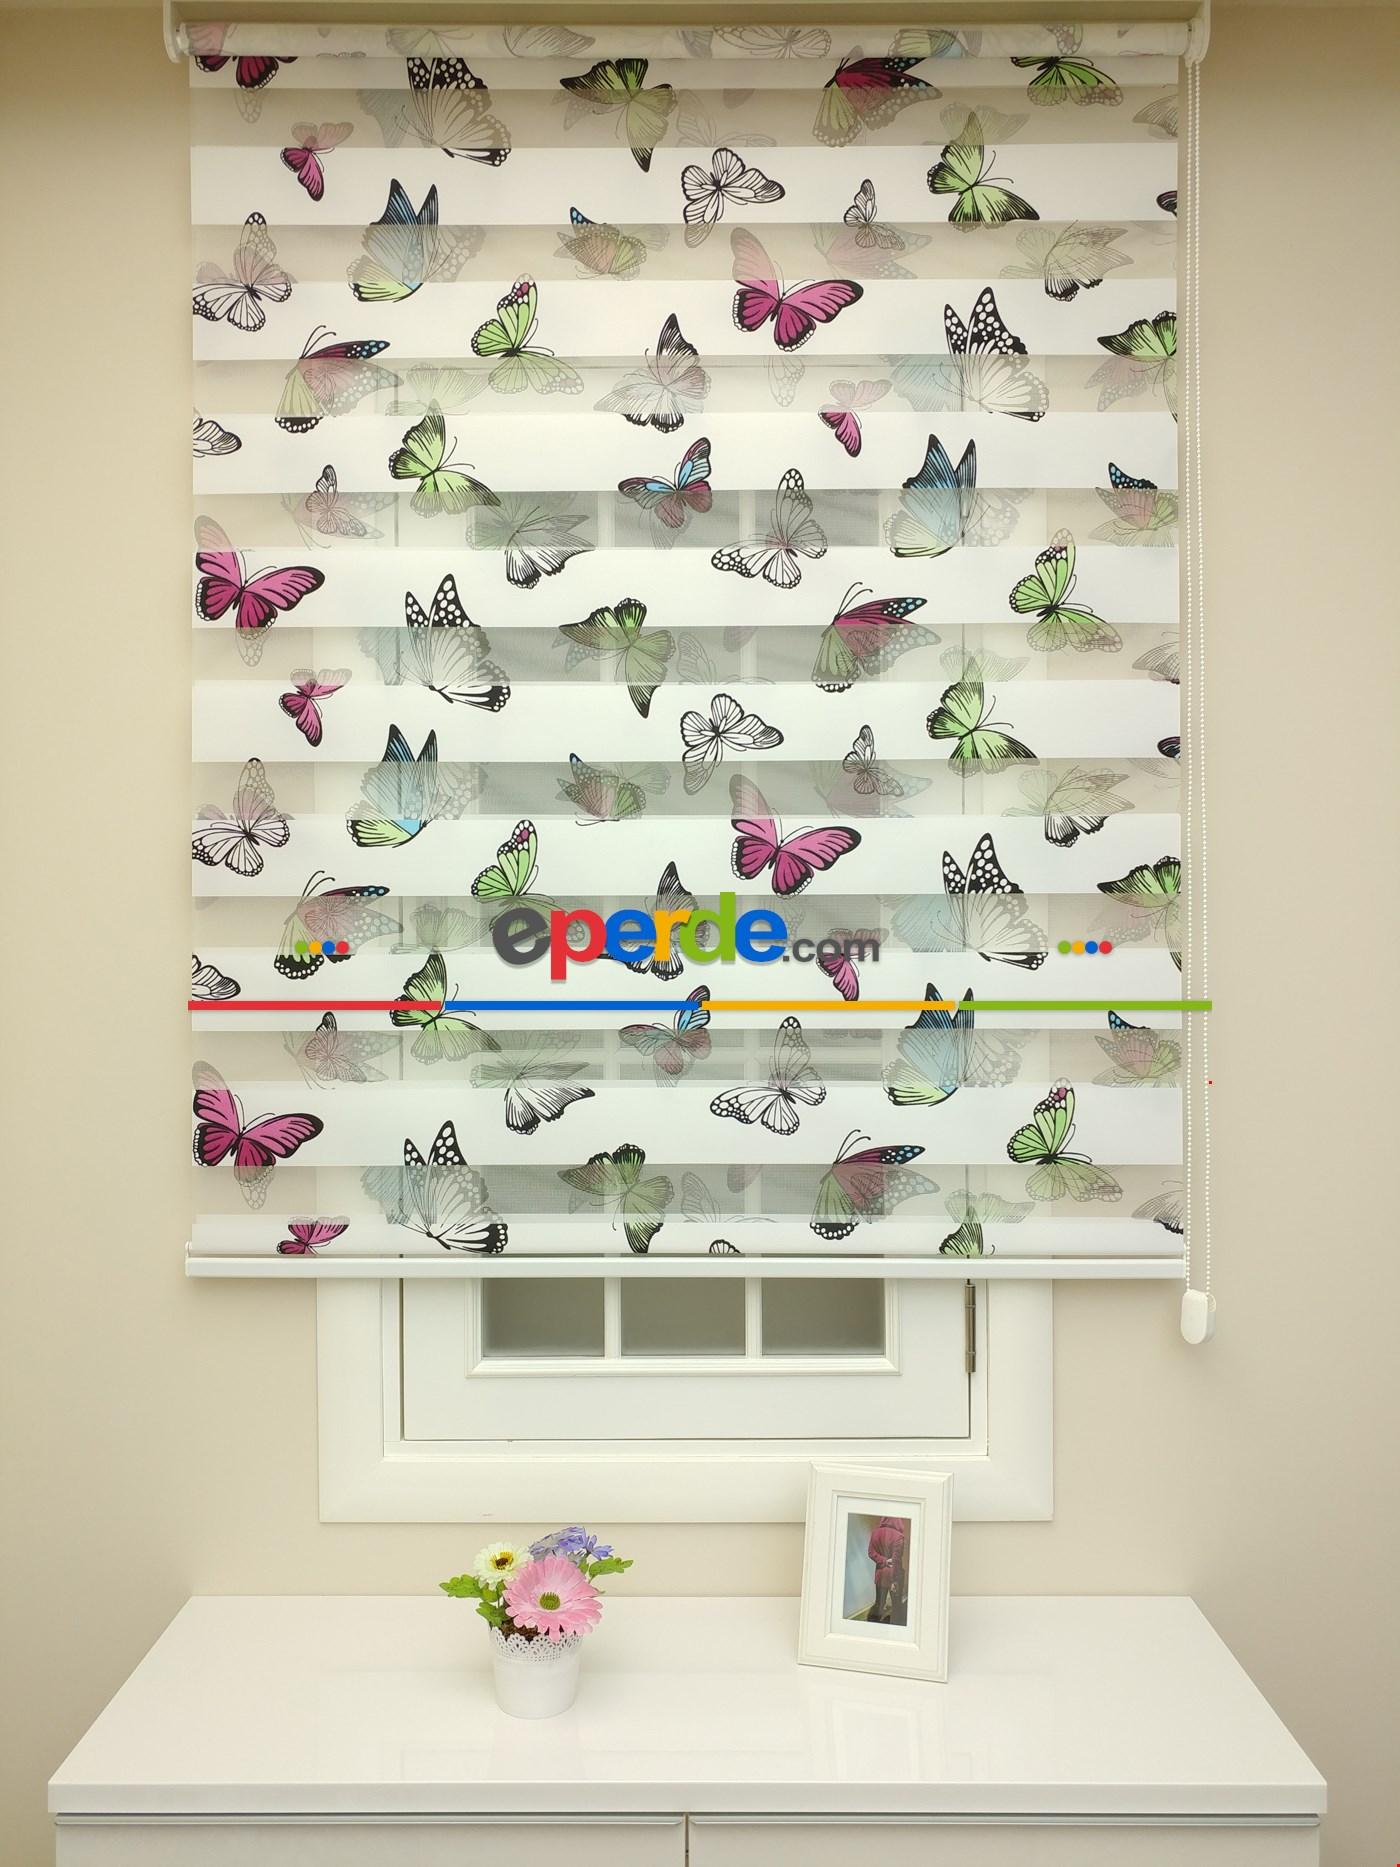 Zebra Perde - Kelebek Baskılı Çocuk Ve Genç Odası Yeşil - Mavi - Pembe - Mor